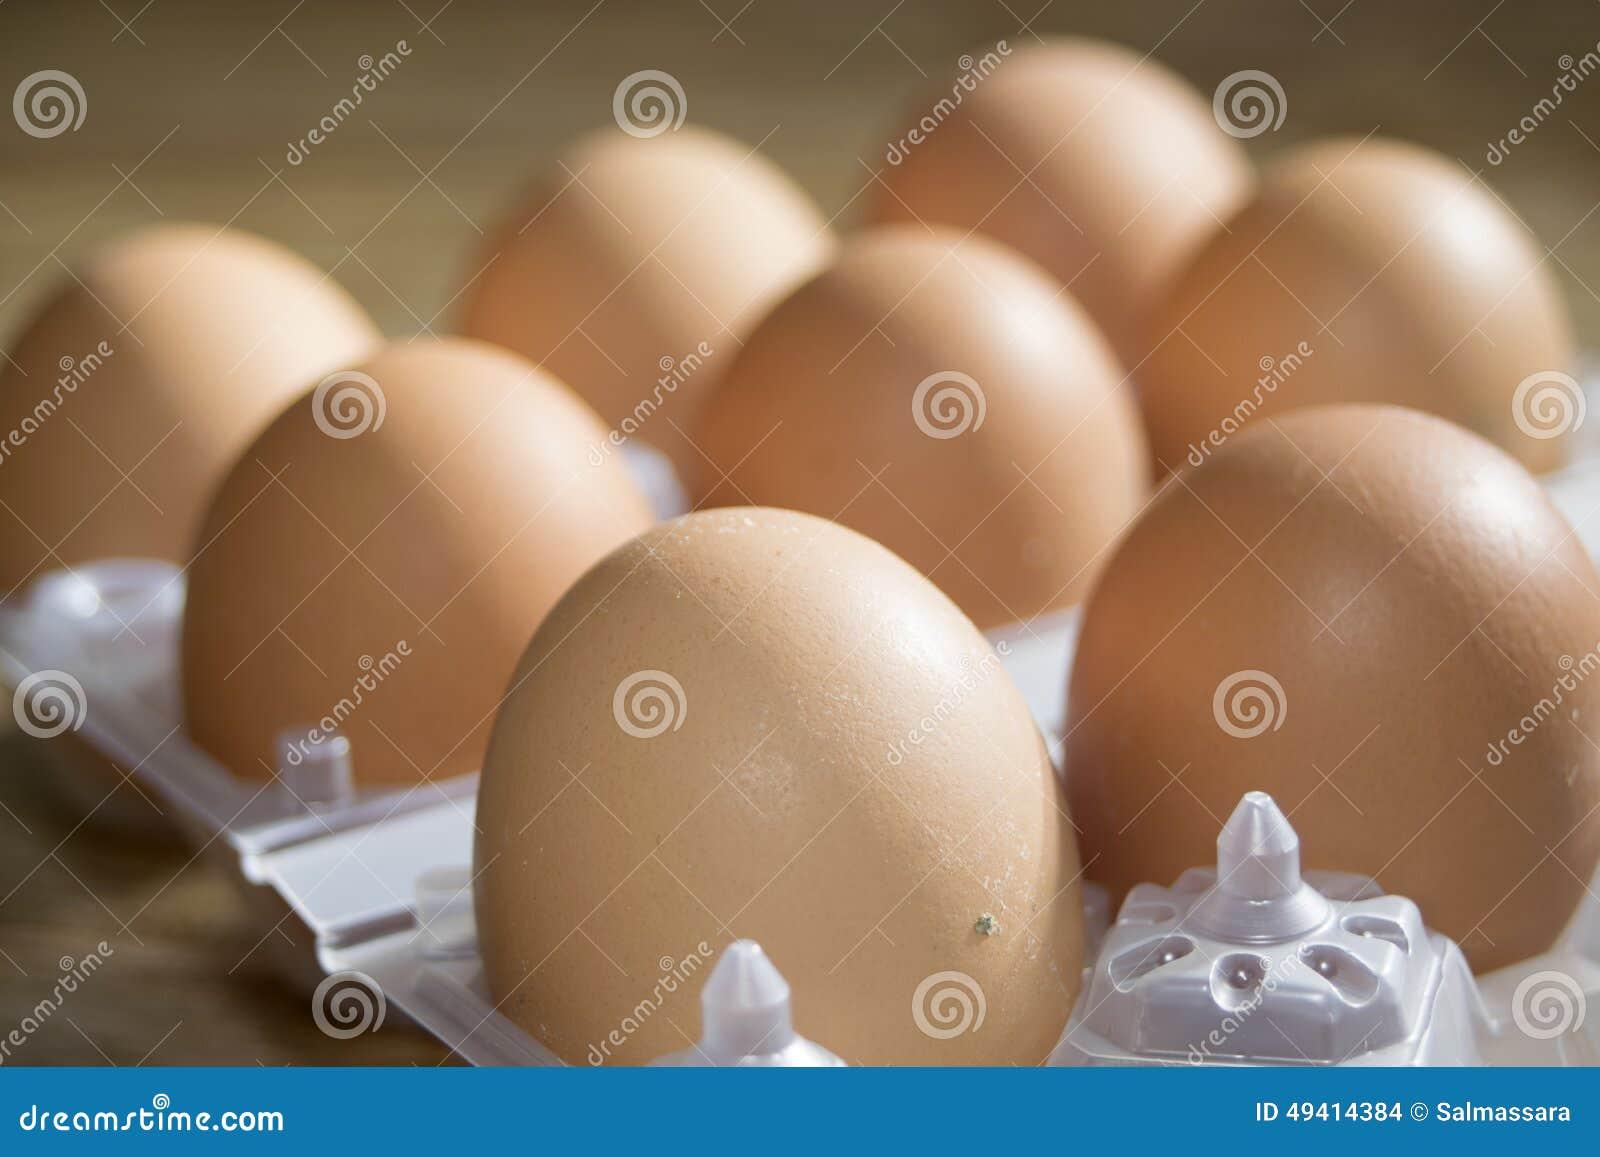 Download Frische Eier stockfoto. Bild von mittagessen, bauernhof - 49414384